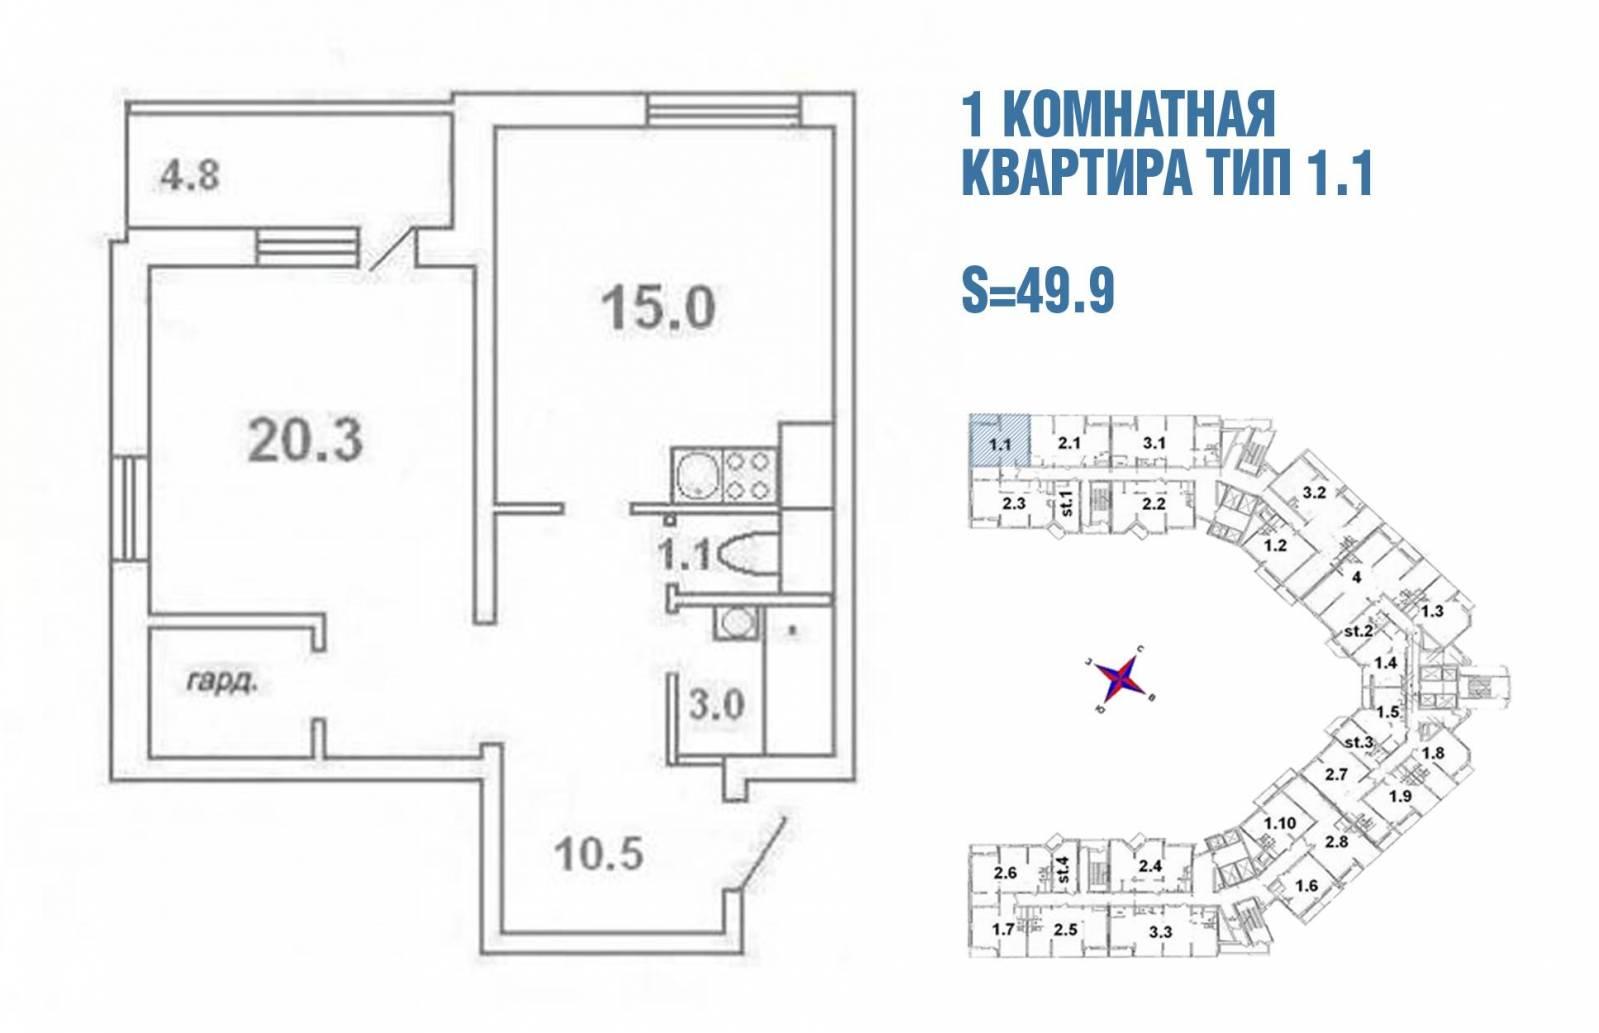 1 комнатная квартира тип 1.1 - 49,9 кв.м.